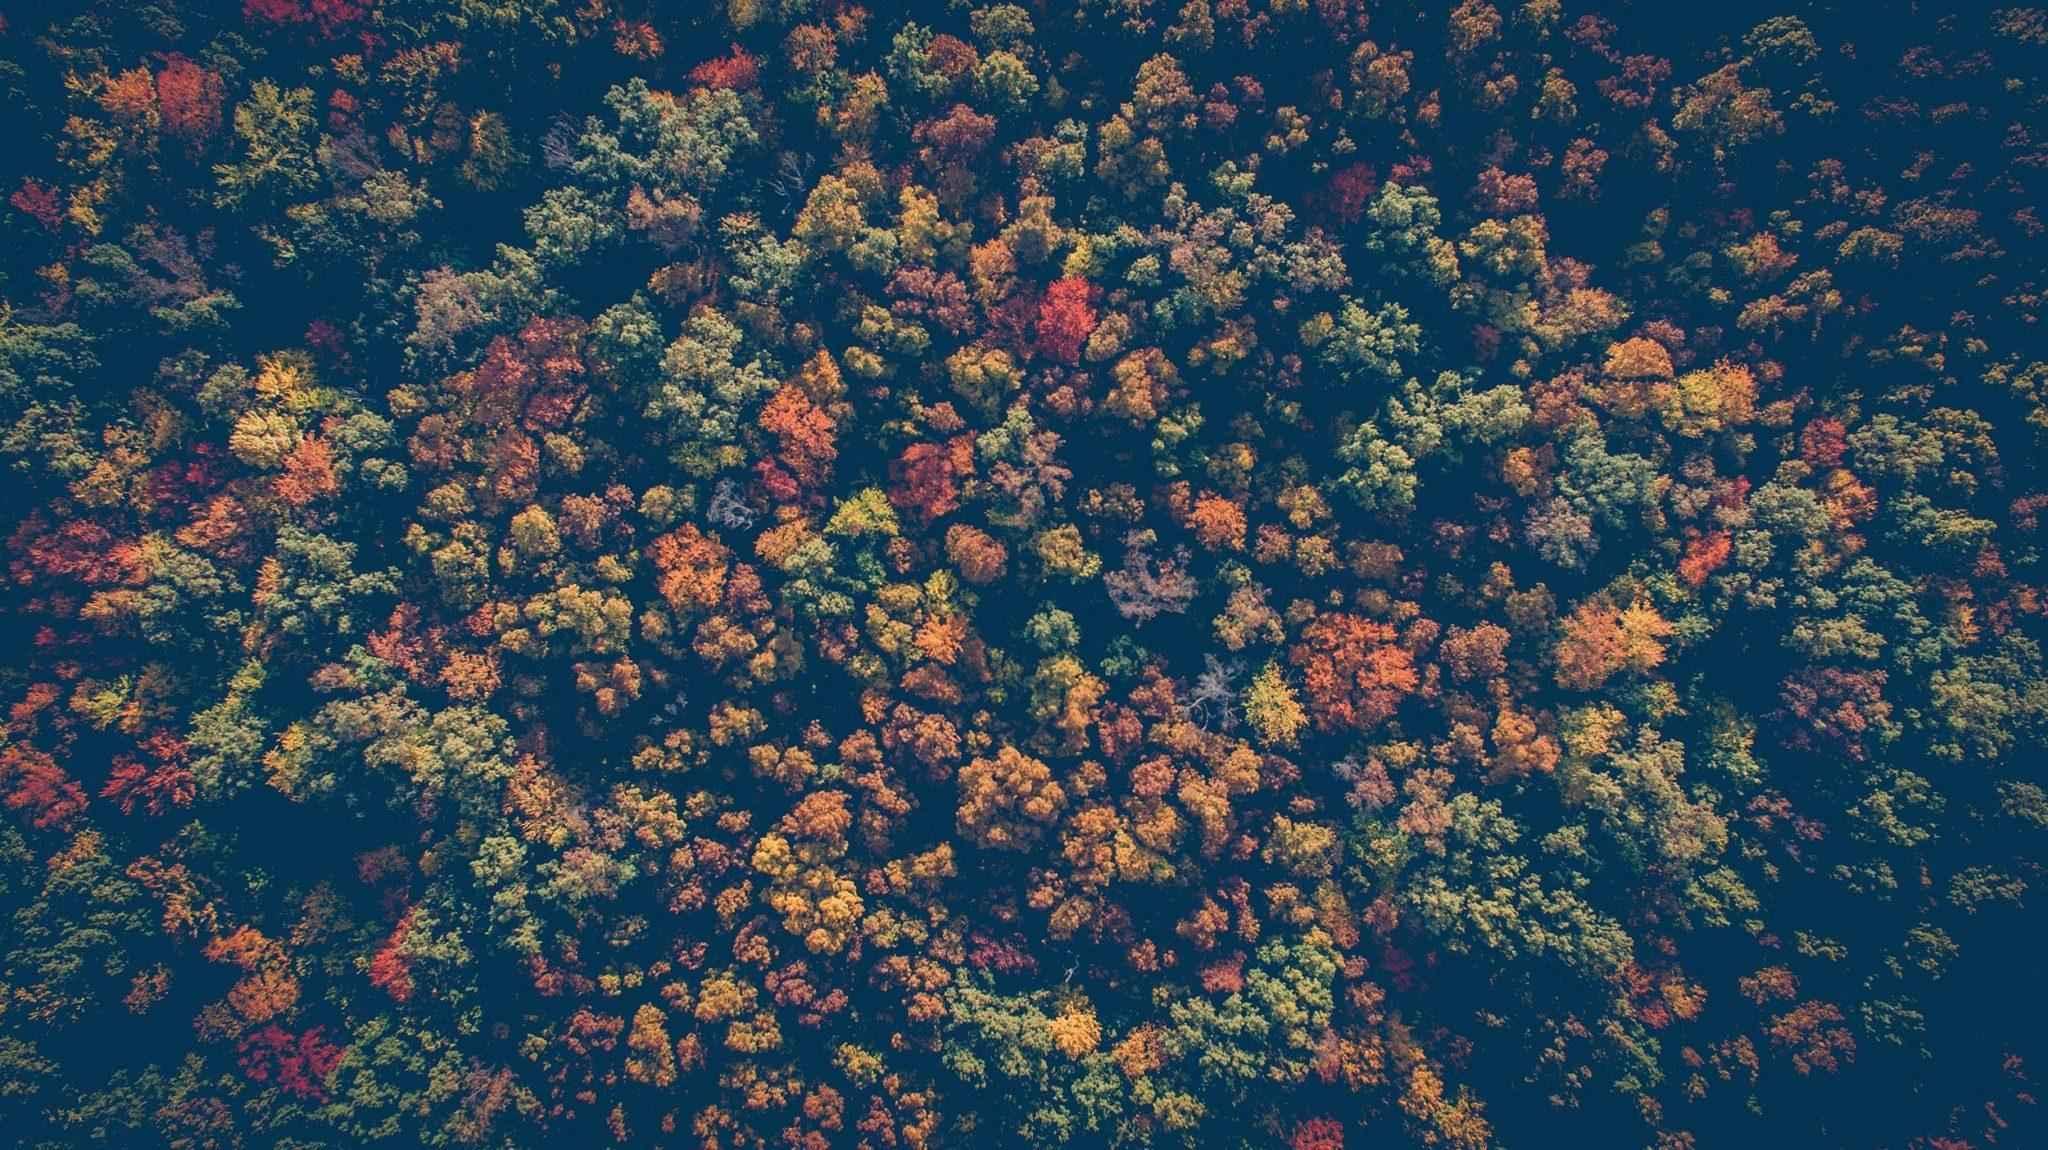 лес, осень, деревья, природа, флора, пейзаж, цвета, краски, высота, сверху